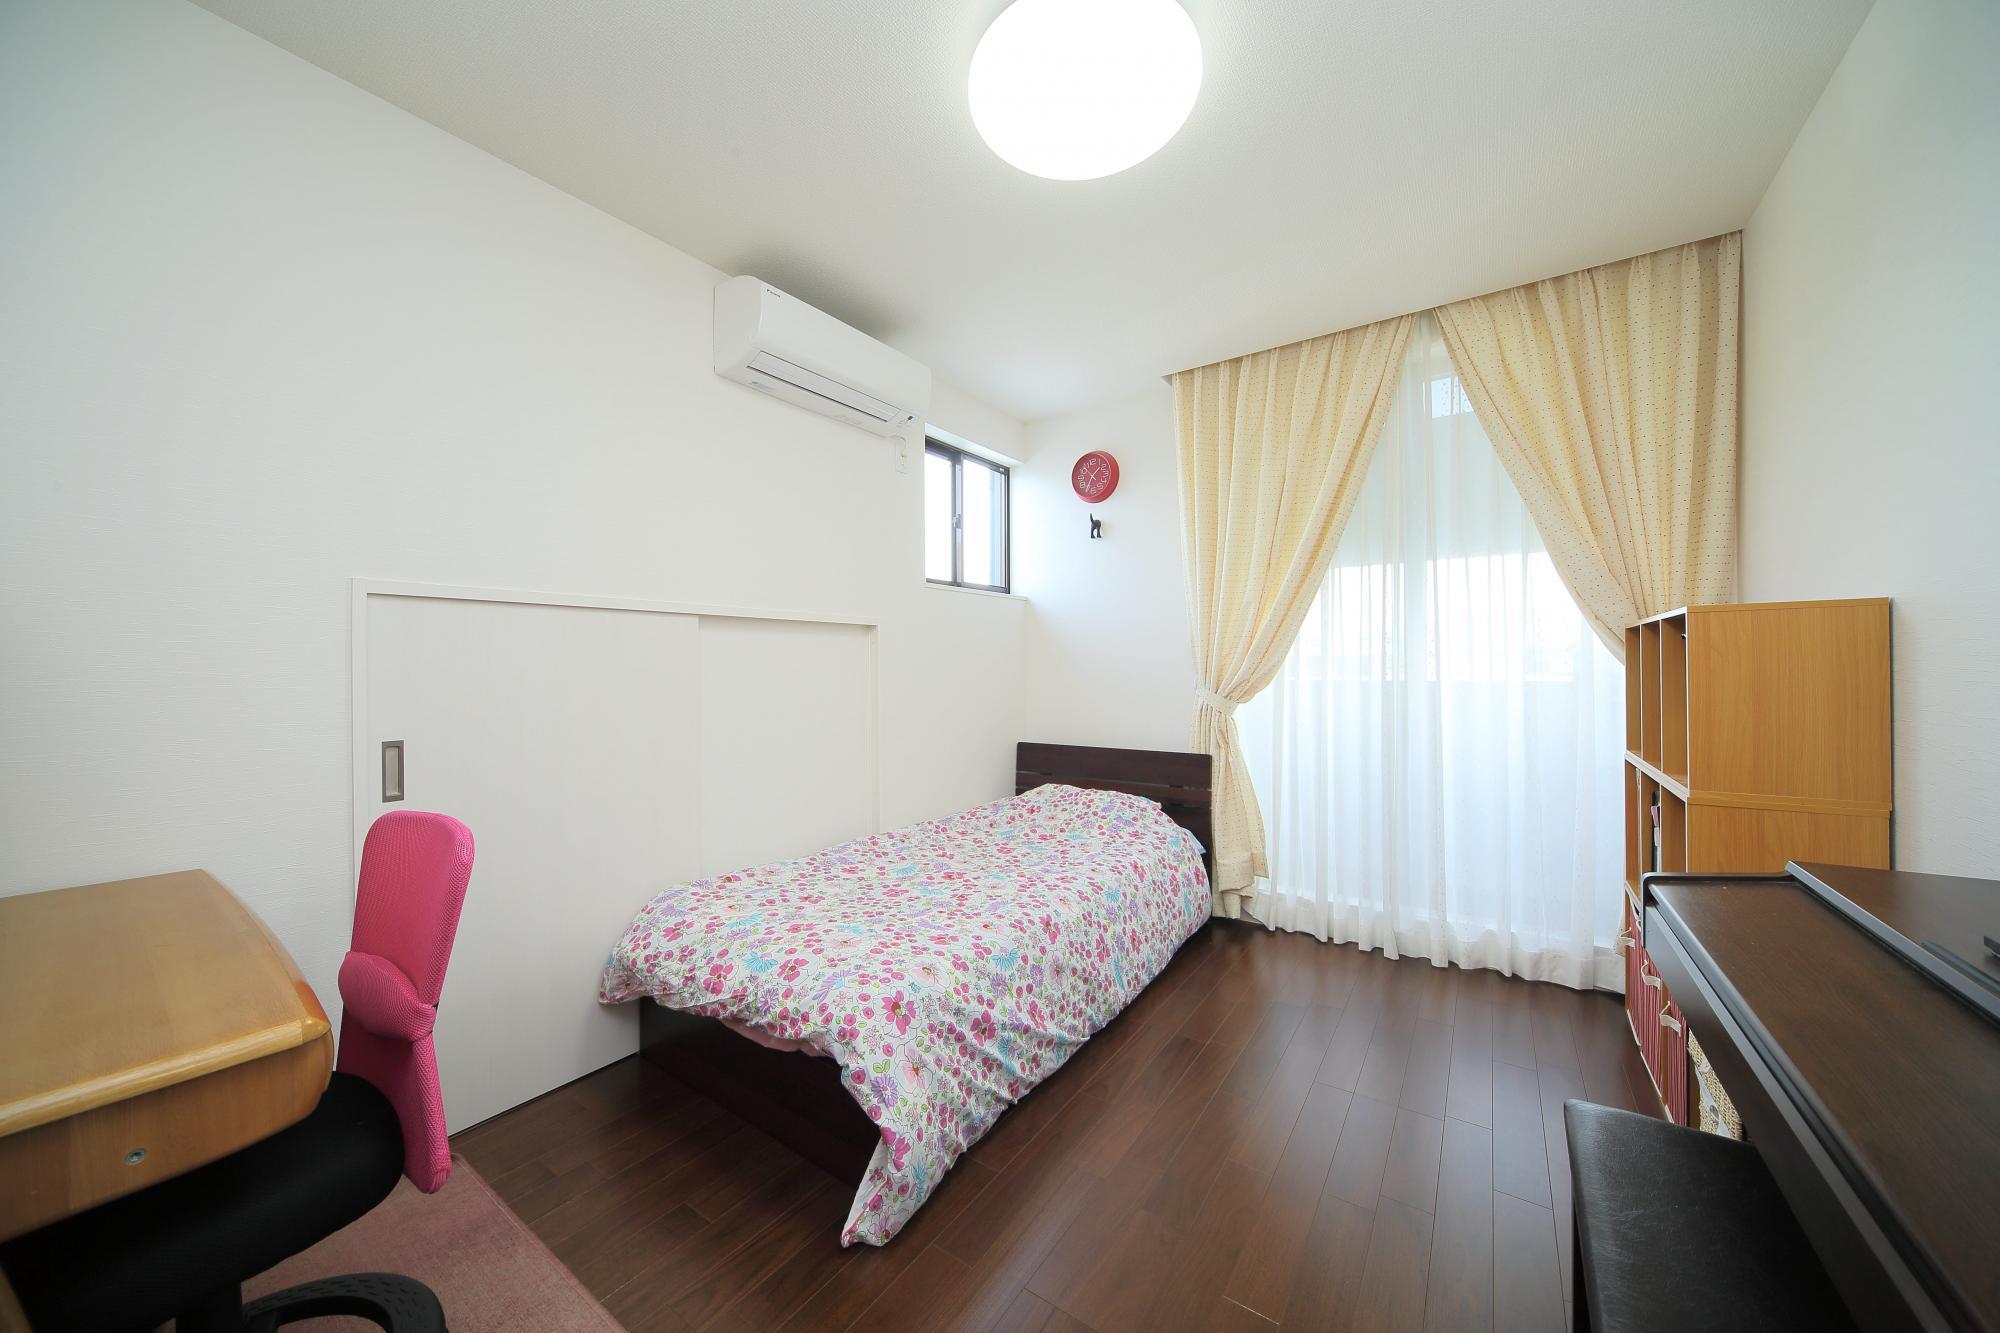 和室だった部分を洋室に変更し、子供部屋とした。下屋のスペースを利用して収納を設けている。